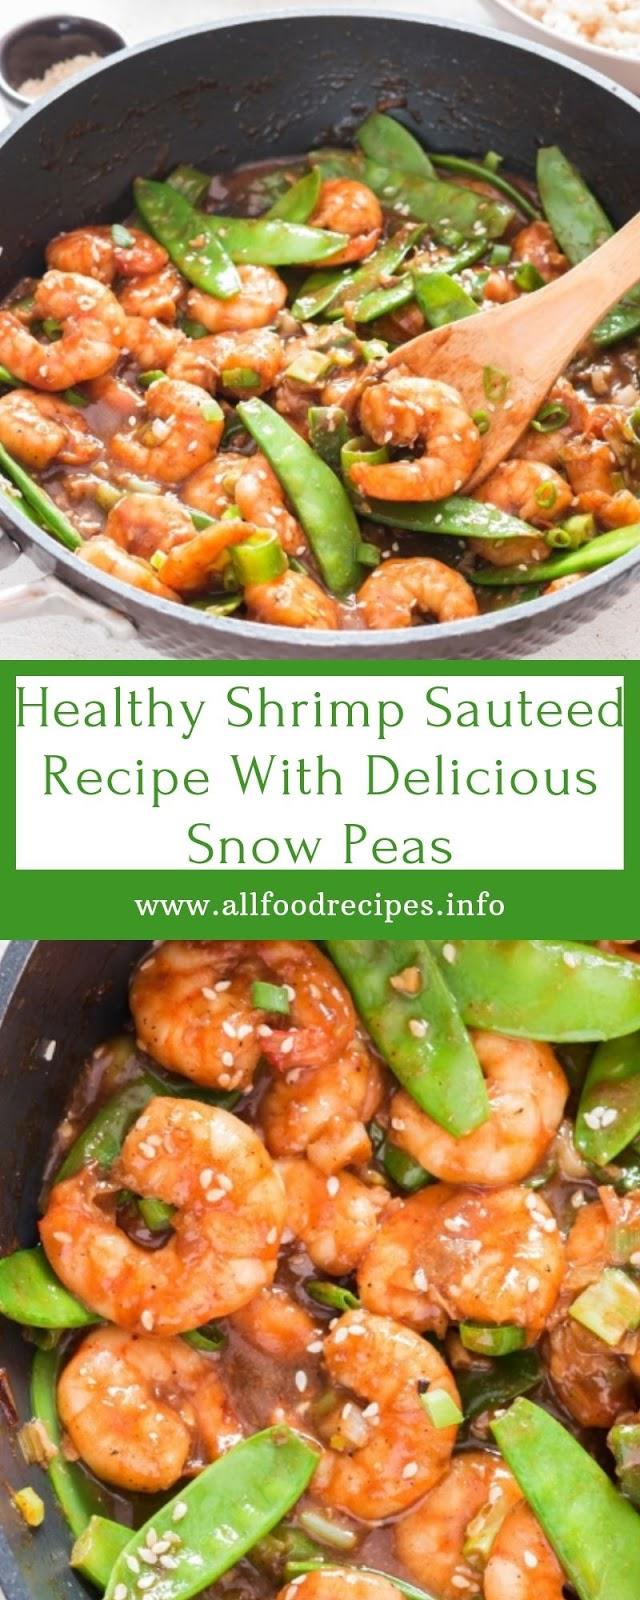 Healthy Shrimp Sauteed Recipe With Delicious Snow Peas